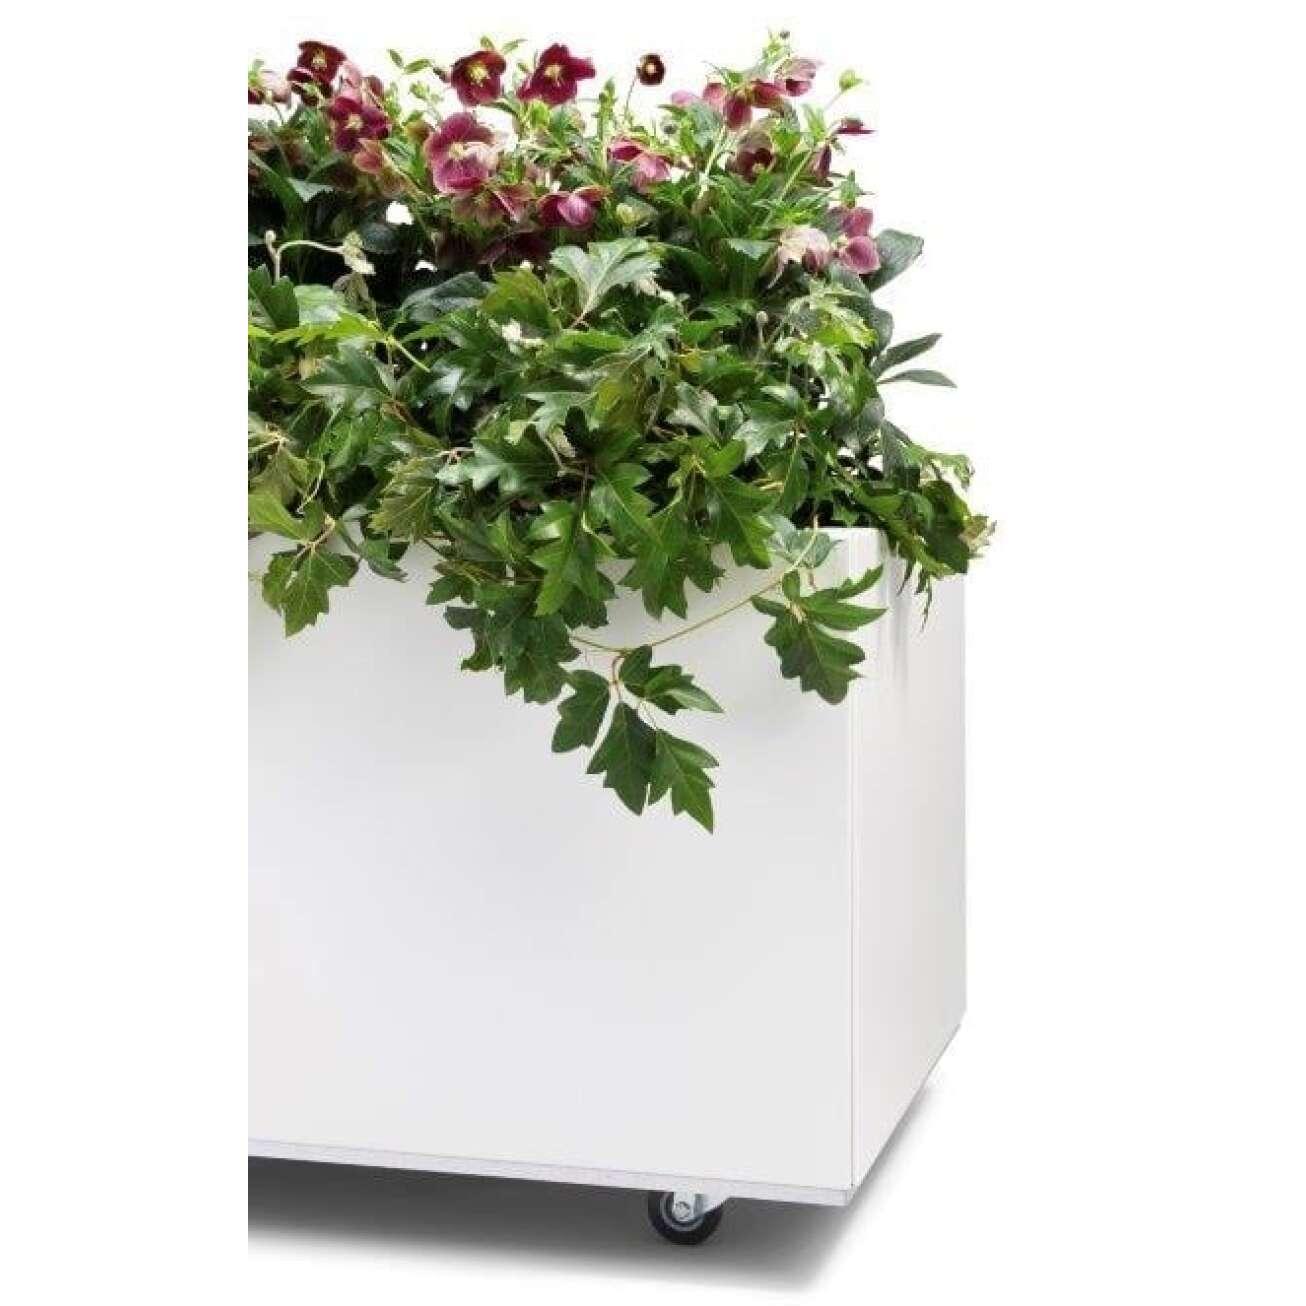 Plantekasse I Hvit 60x60x25 Cm Med Bunn Og Hjul. Bedd (40-008h) Hagemøbler og utemøbler - Fine design